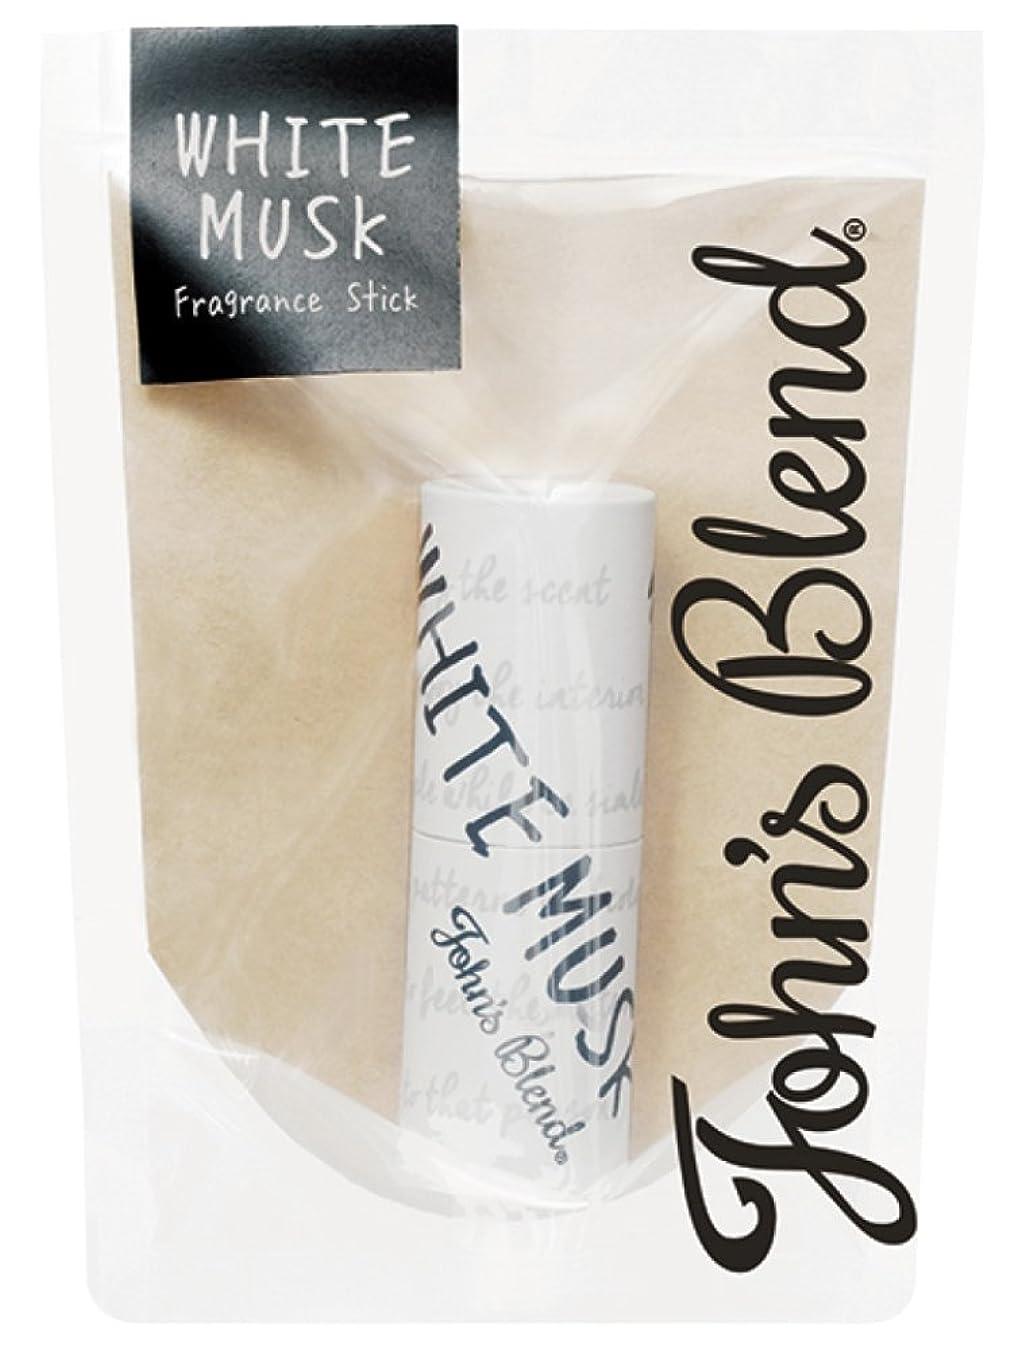 する必要があるほのめかす褐色Johns Blend 練り香水 フレグランス スティック ホワイトムスク の香り OZ-JOD-3-1